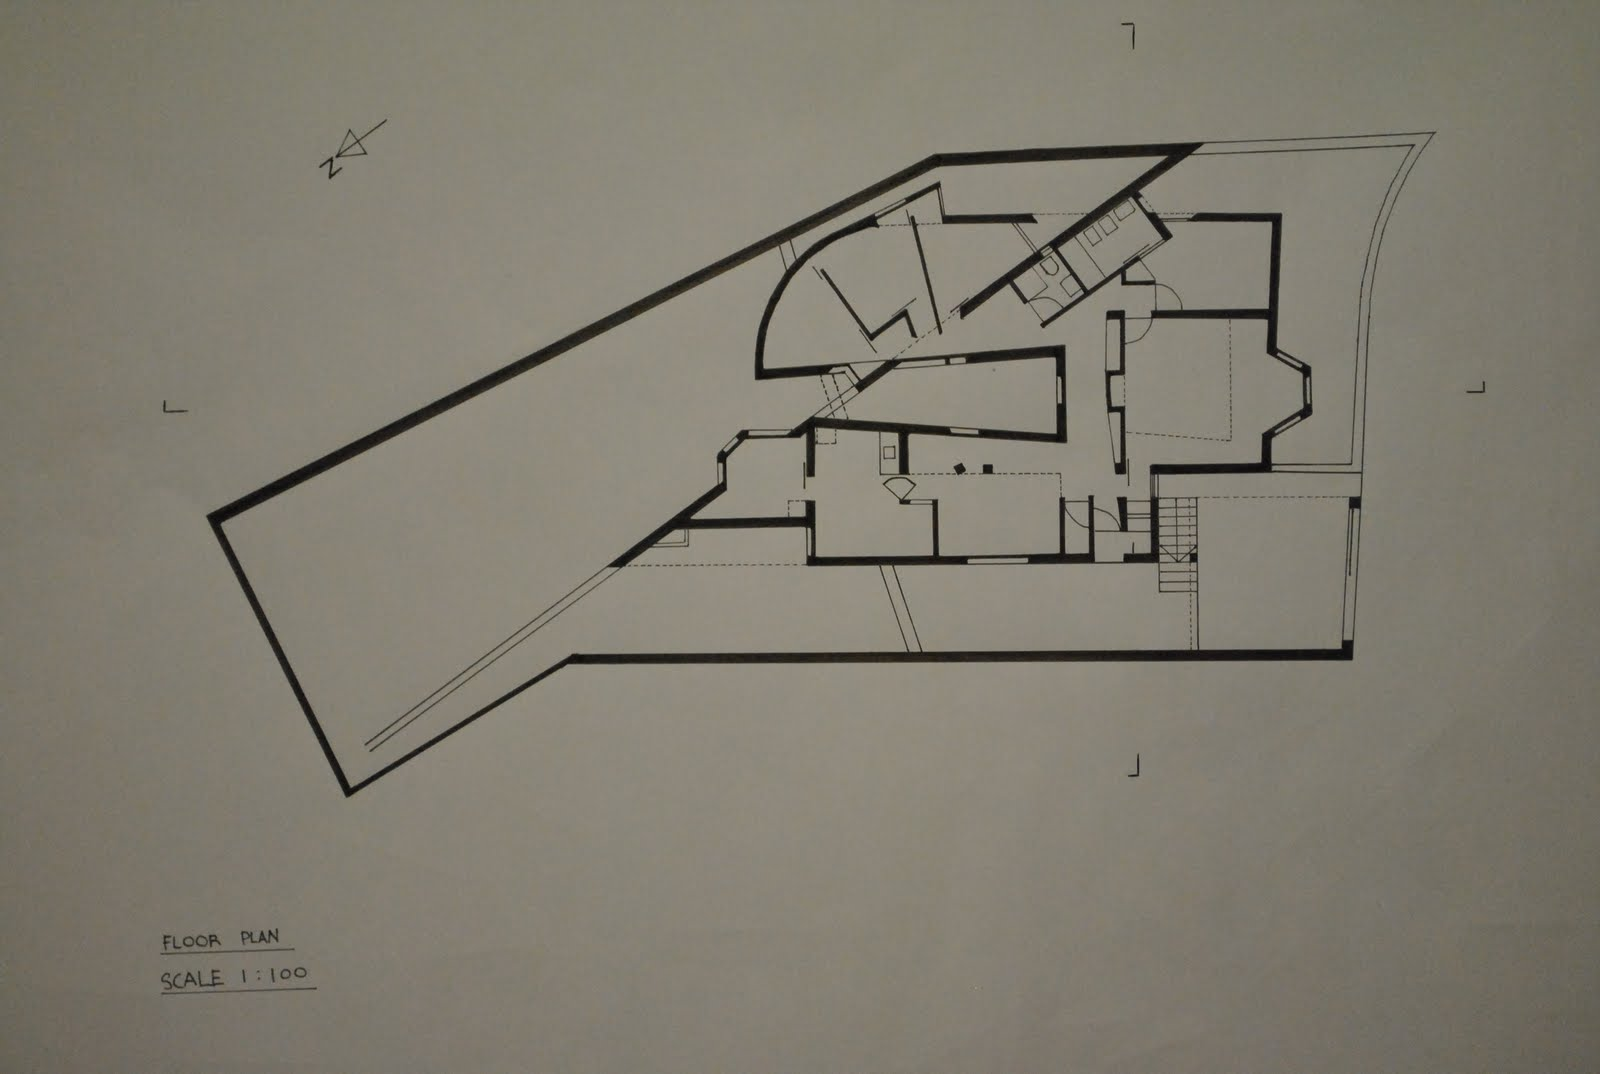 Arch1201 Studio 3 Drawings Of Casa Antonio Carlos Siza House